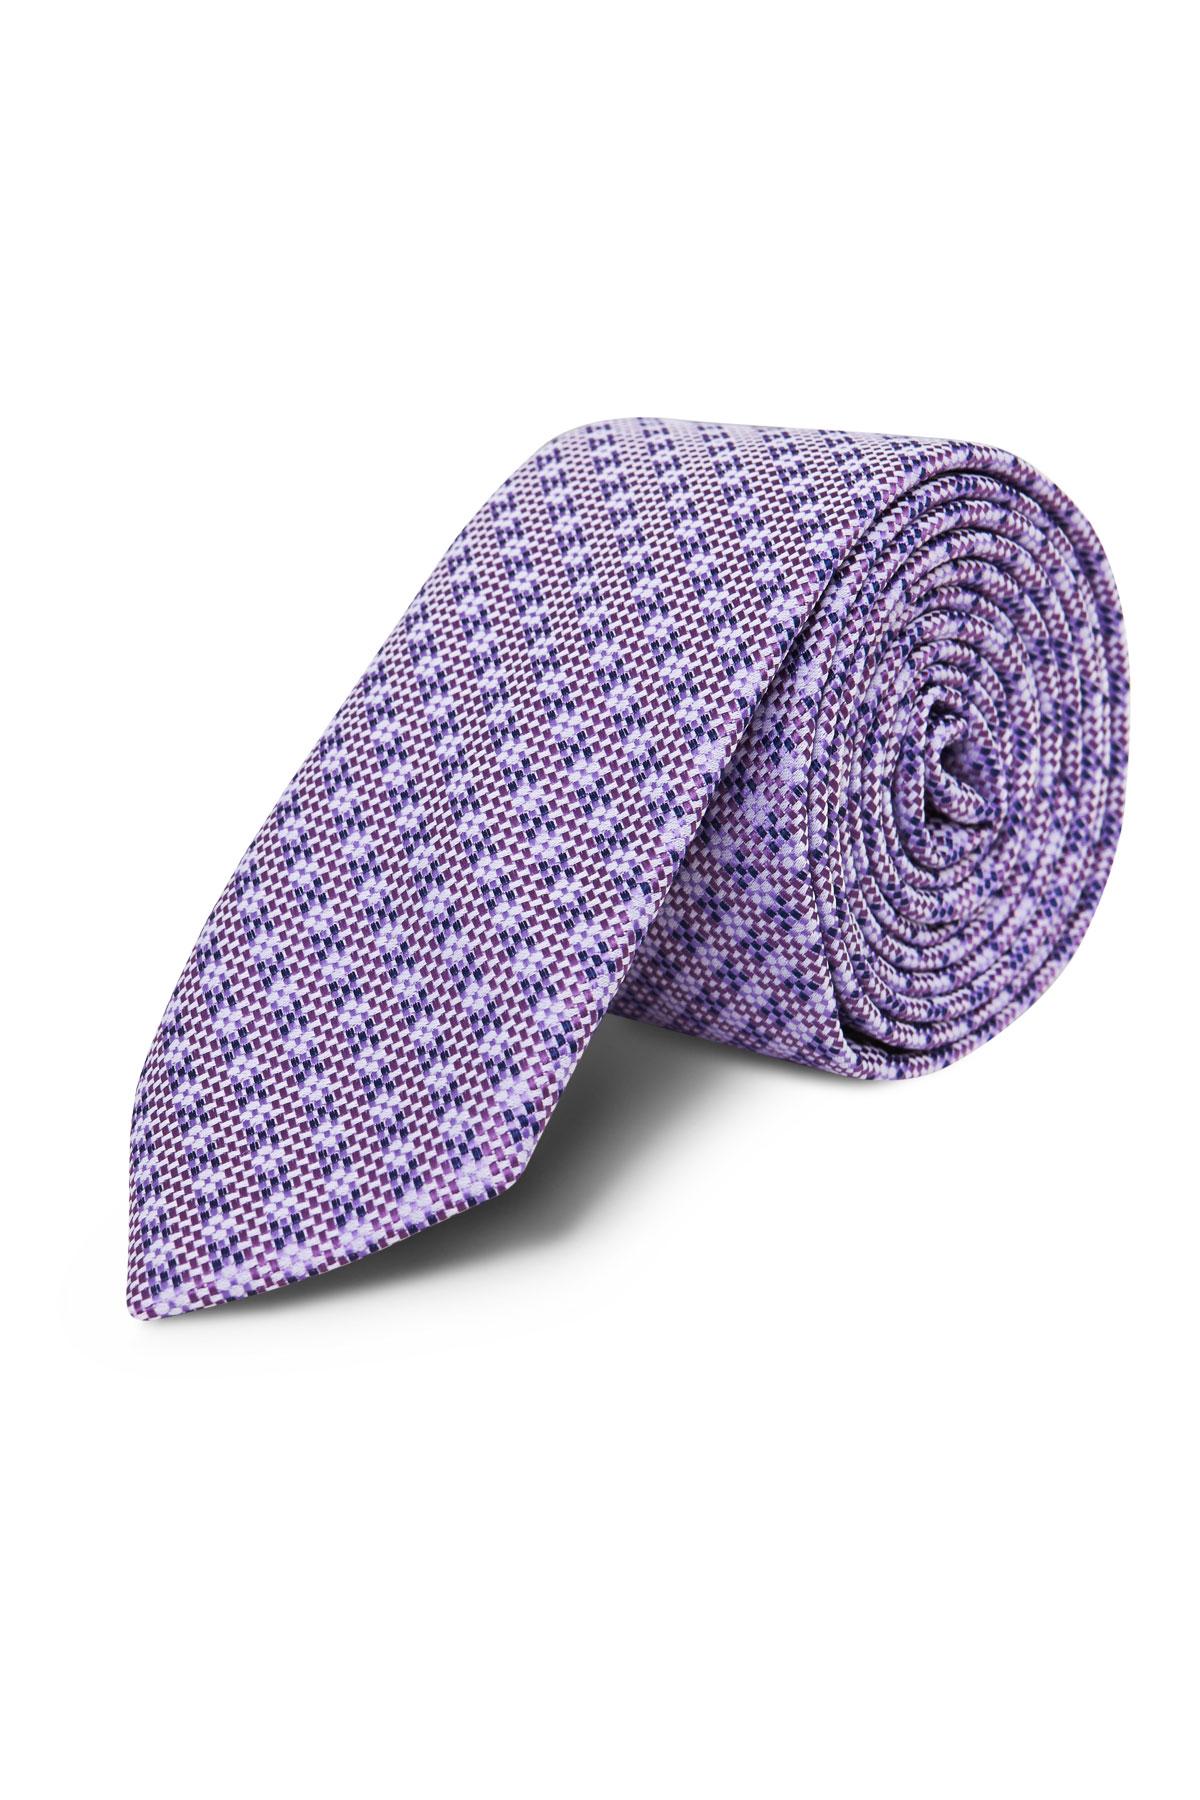 Галстук фиолетовый текстурный 18-03-46